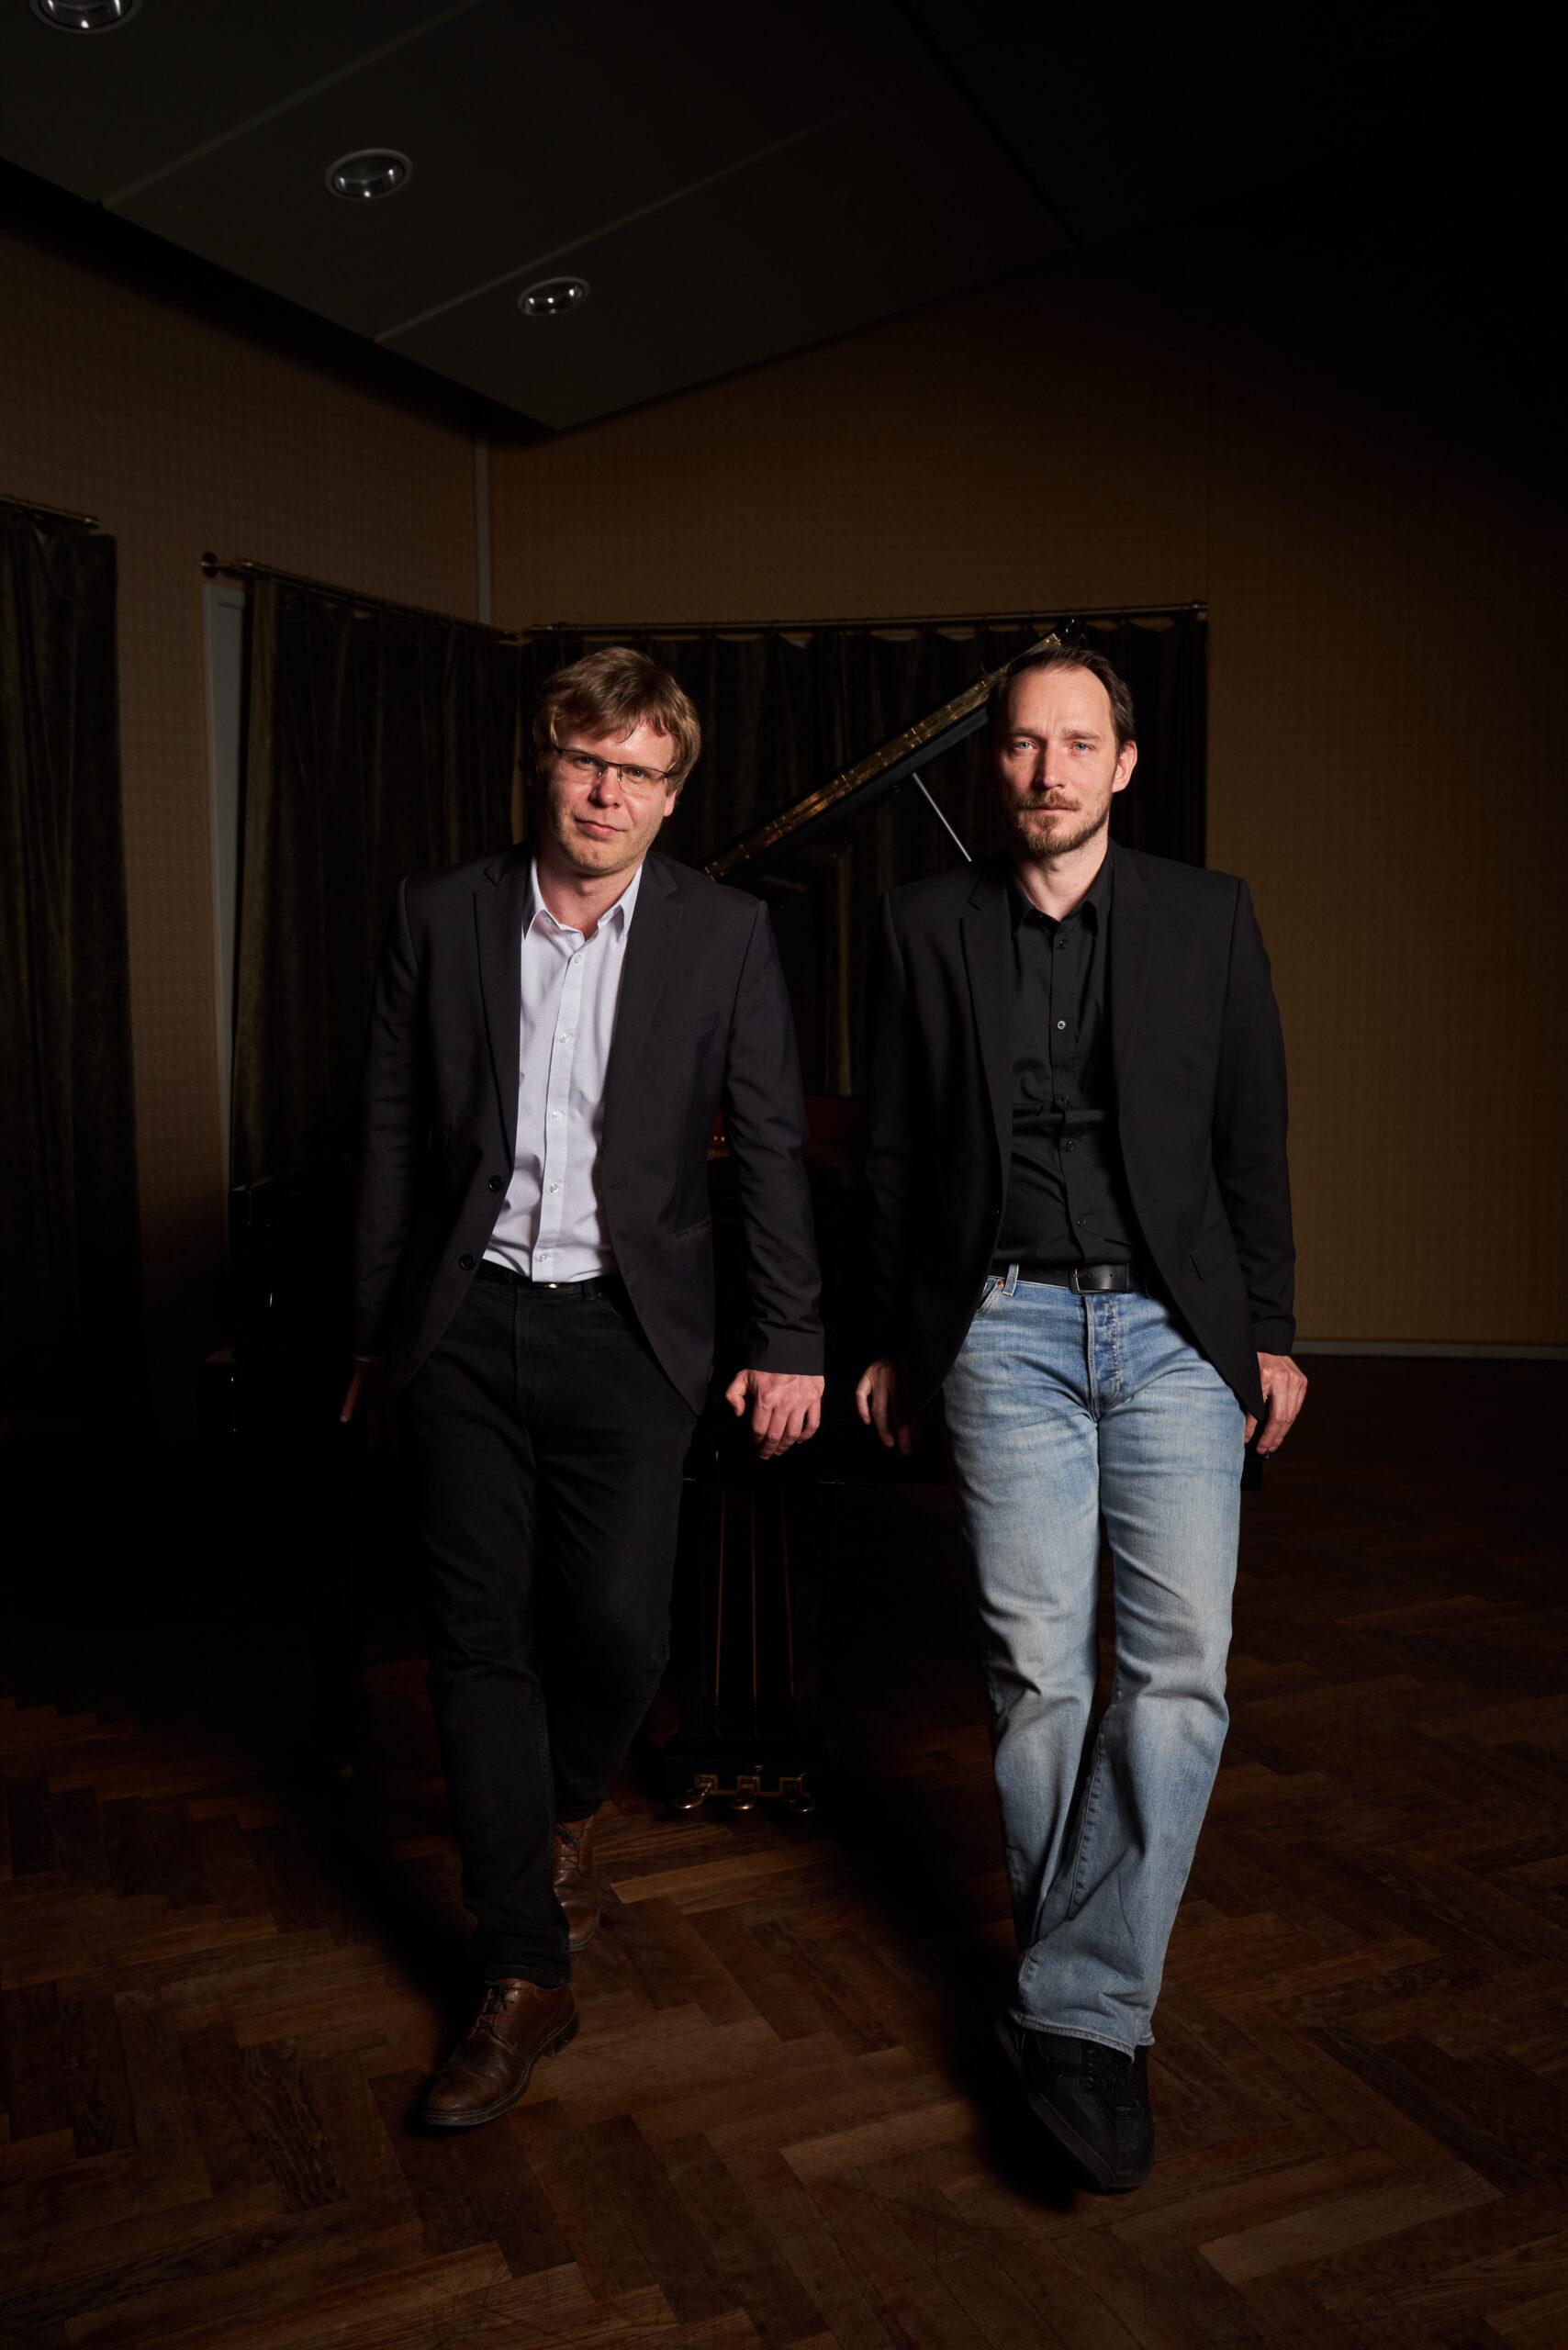 Kiss Péter és Jászberényi Gábor – fotó: Valuska Gábor